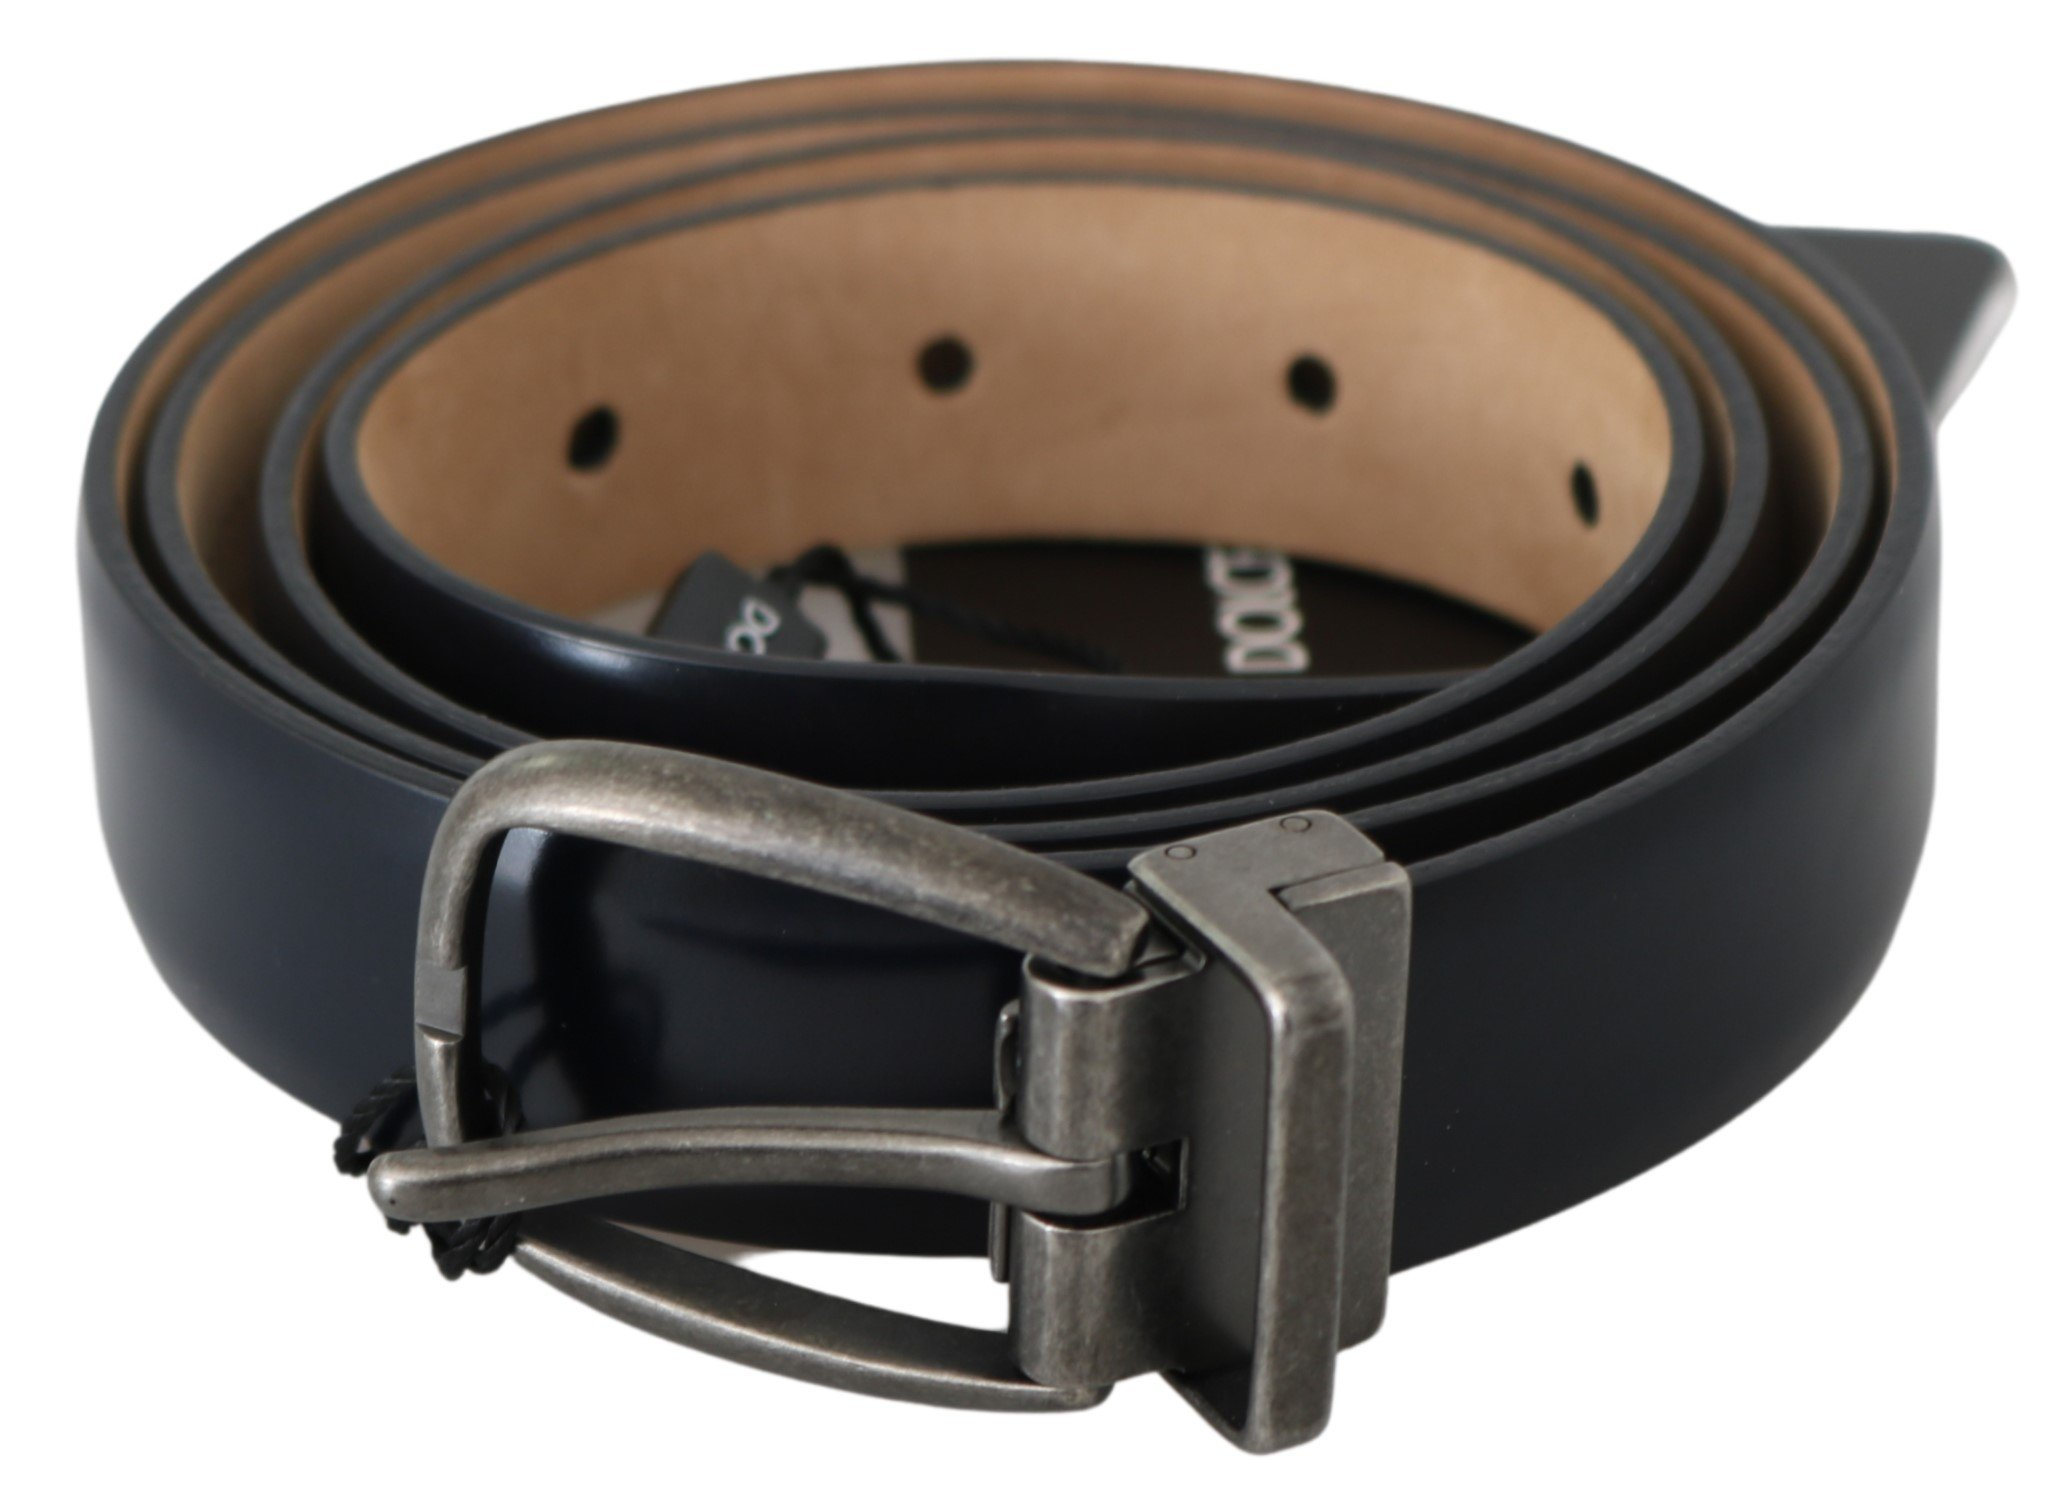 Dolce & Gabbana Men's Leather Brushed Buckle Belt Black BEL60685 - 105 cm / 42 Inches